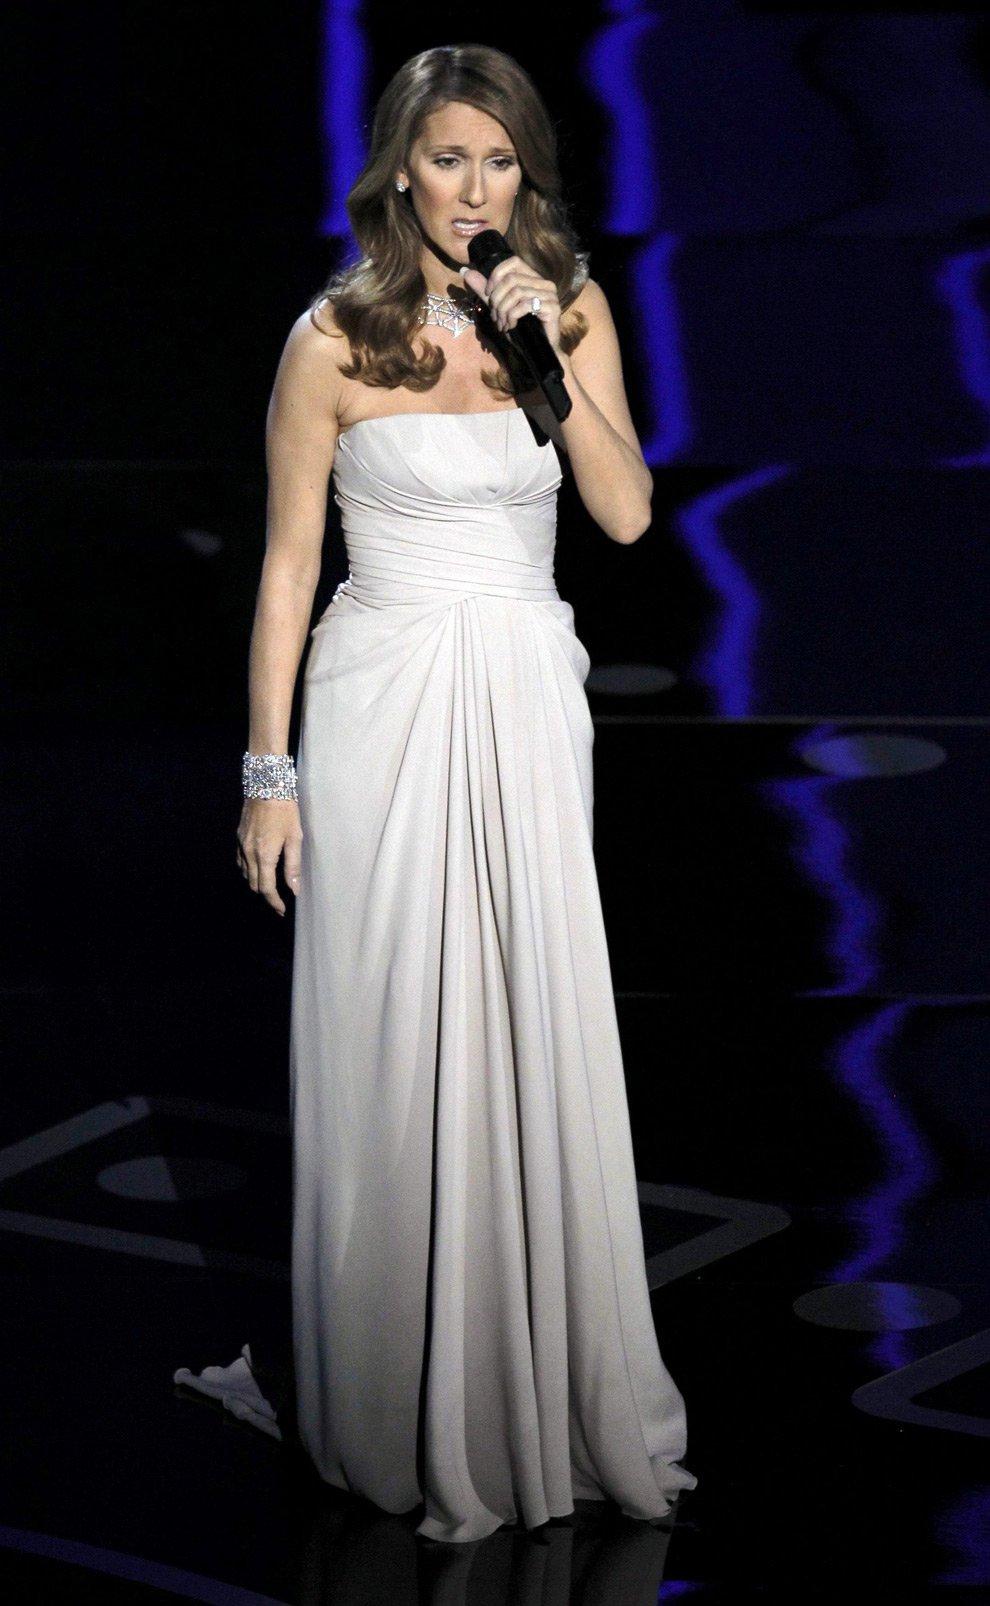 Канадская певица Селин Дион